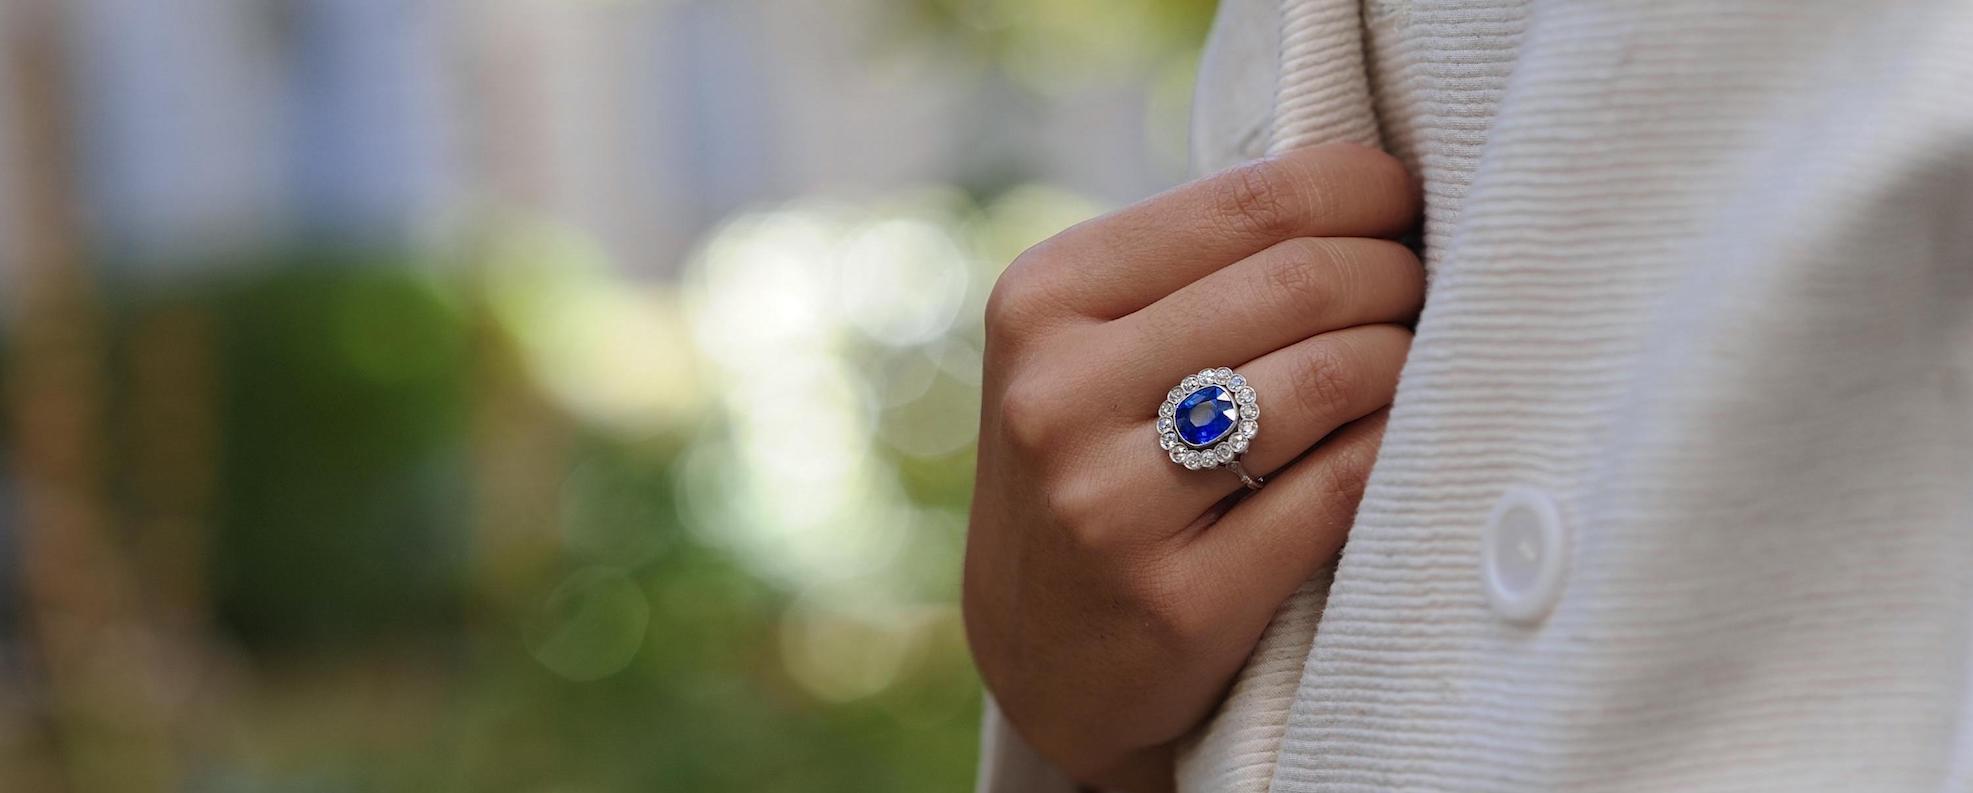 6265694efa7d4f Achat bijoux anciens, achat diamants, rachat bijoux d occasion Paris 9